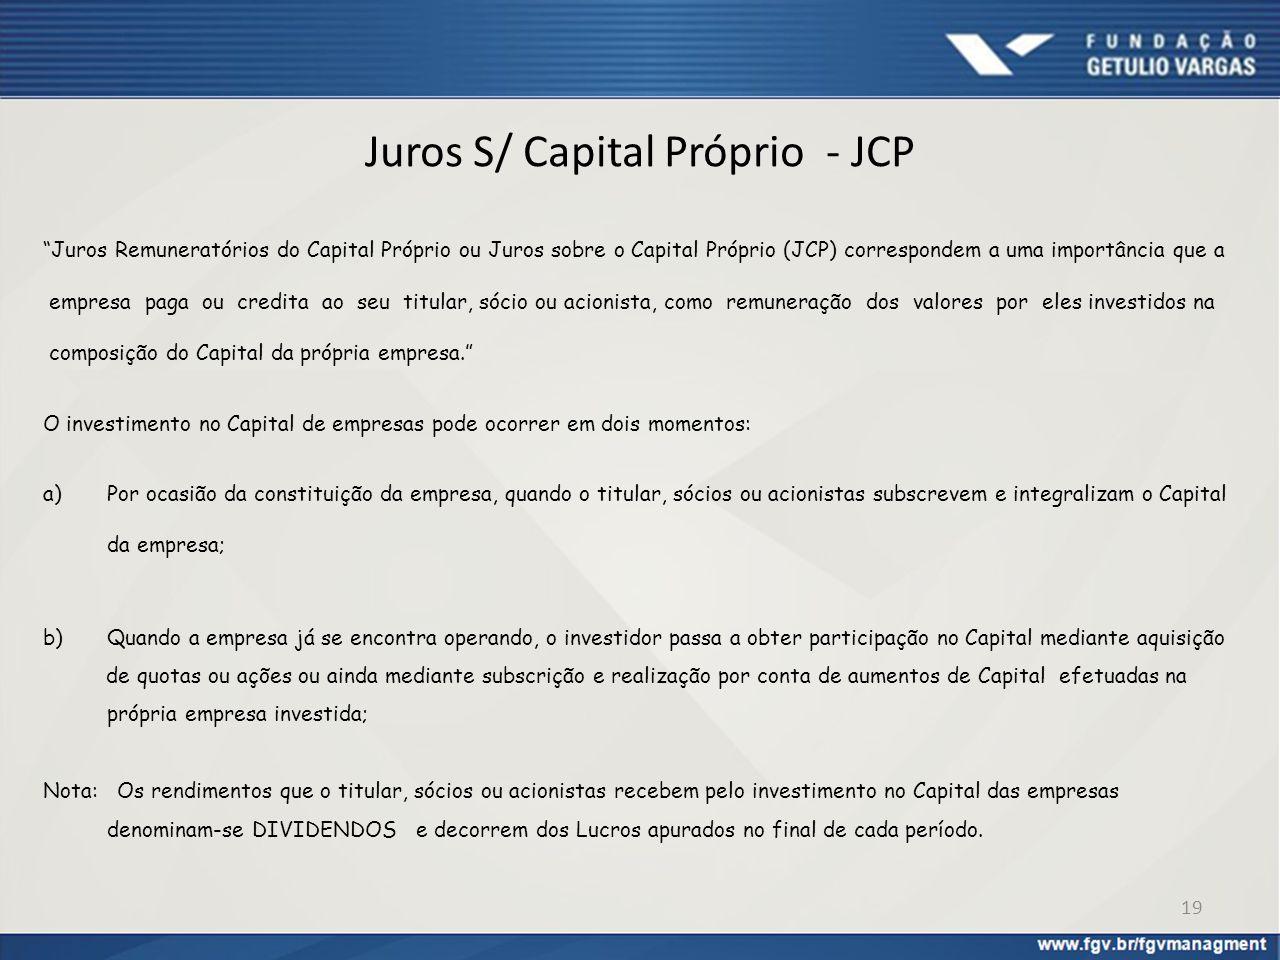 Juros S/ Capital Próprio - JCP